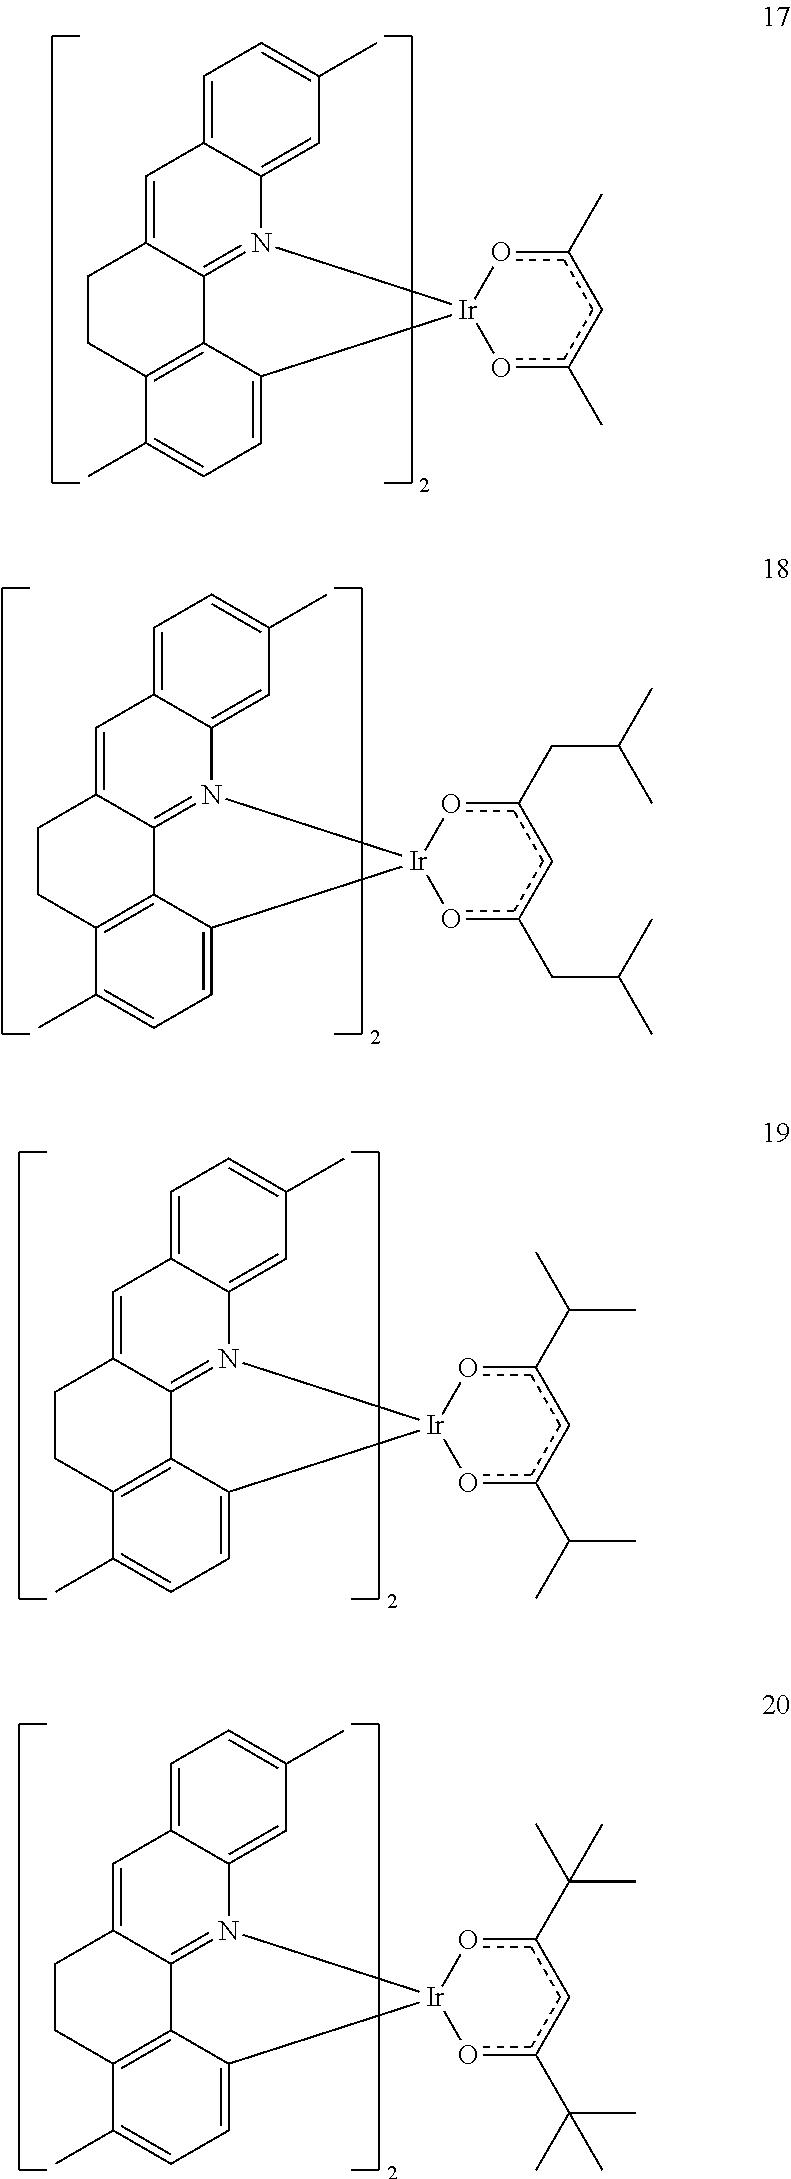 Figure US20130032785A1-20130207-C00219